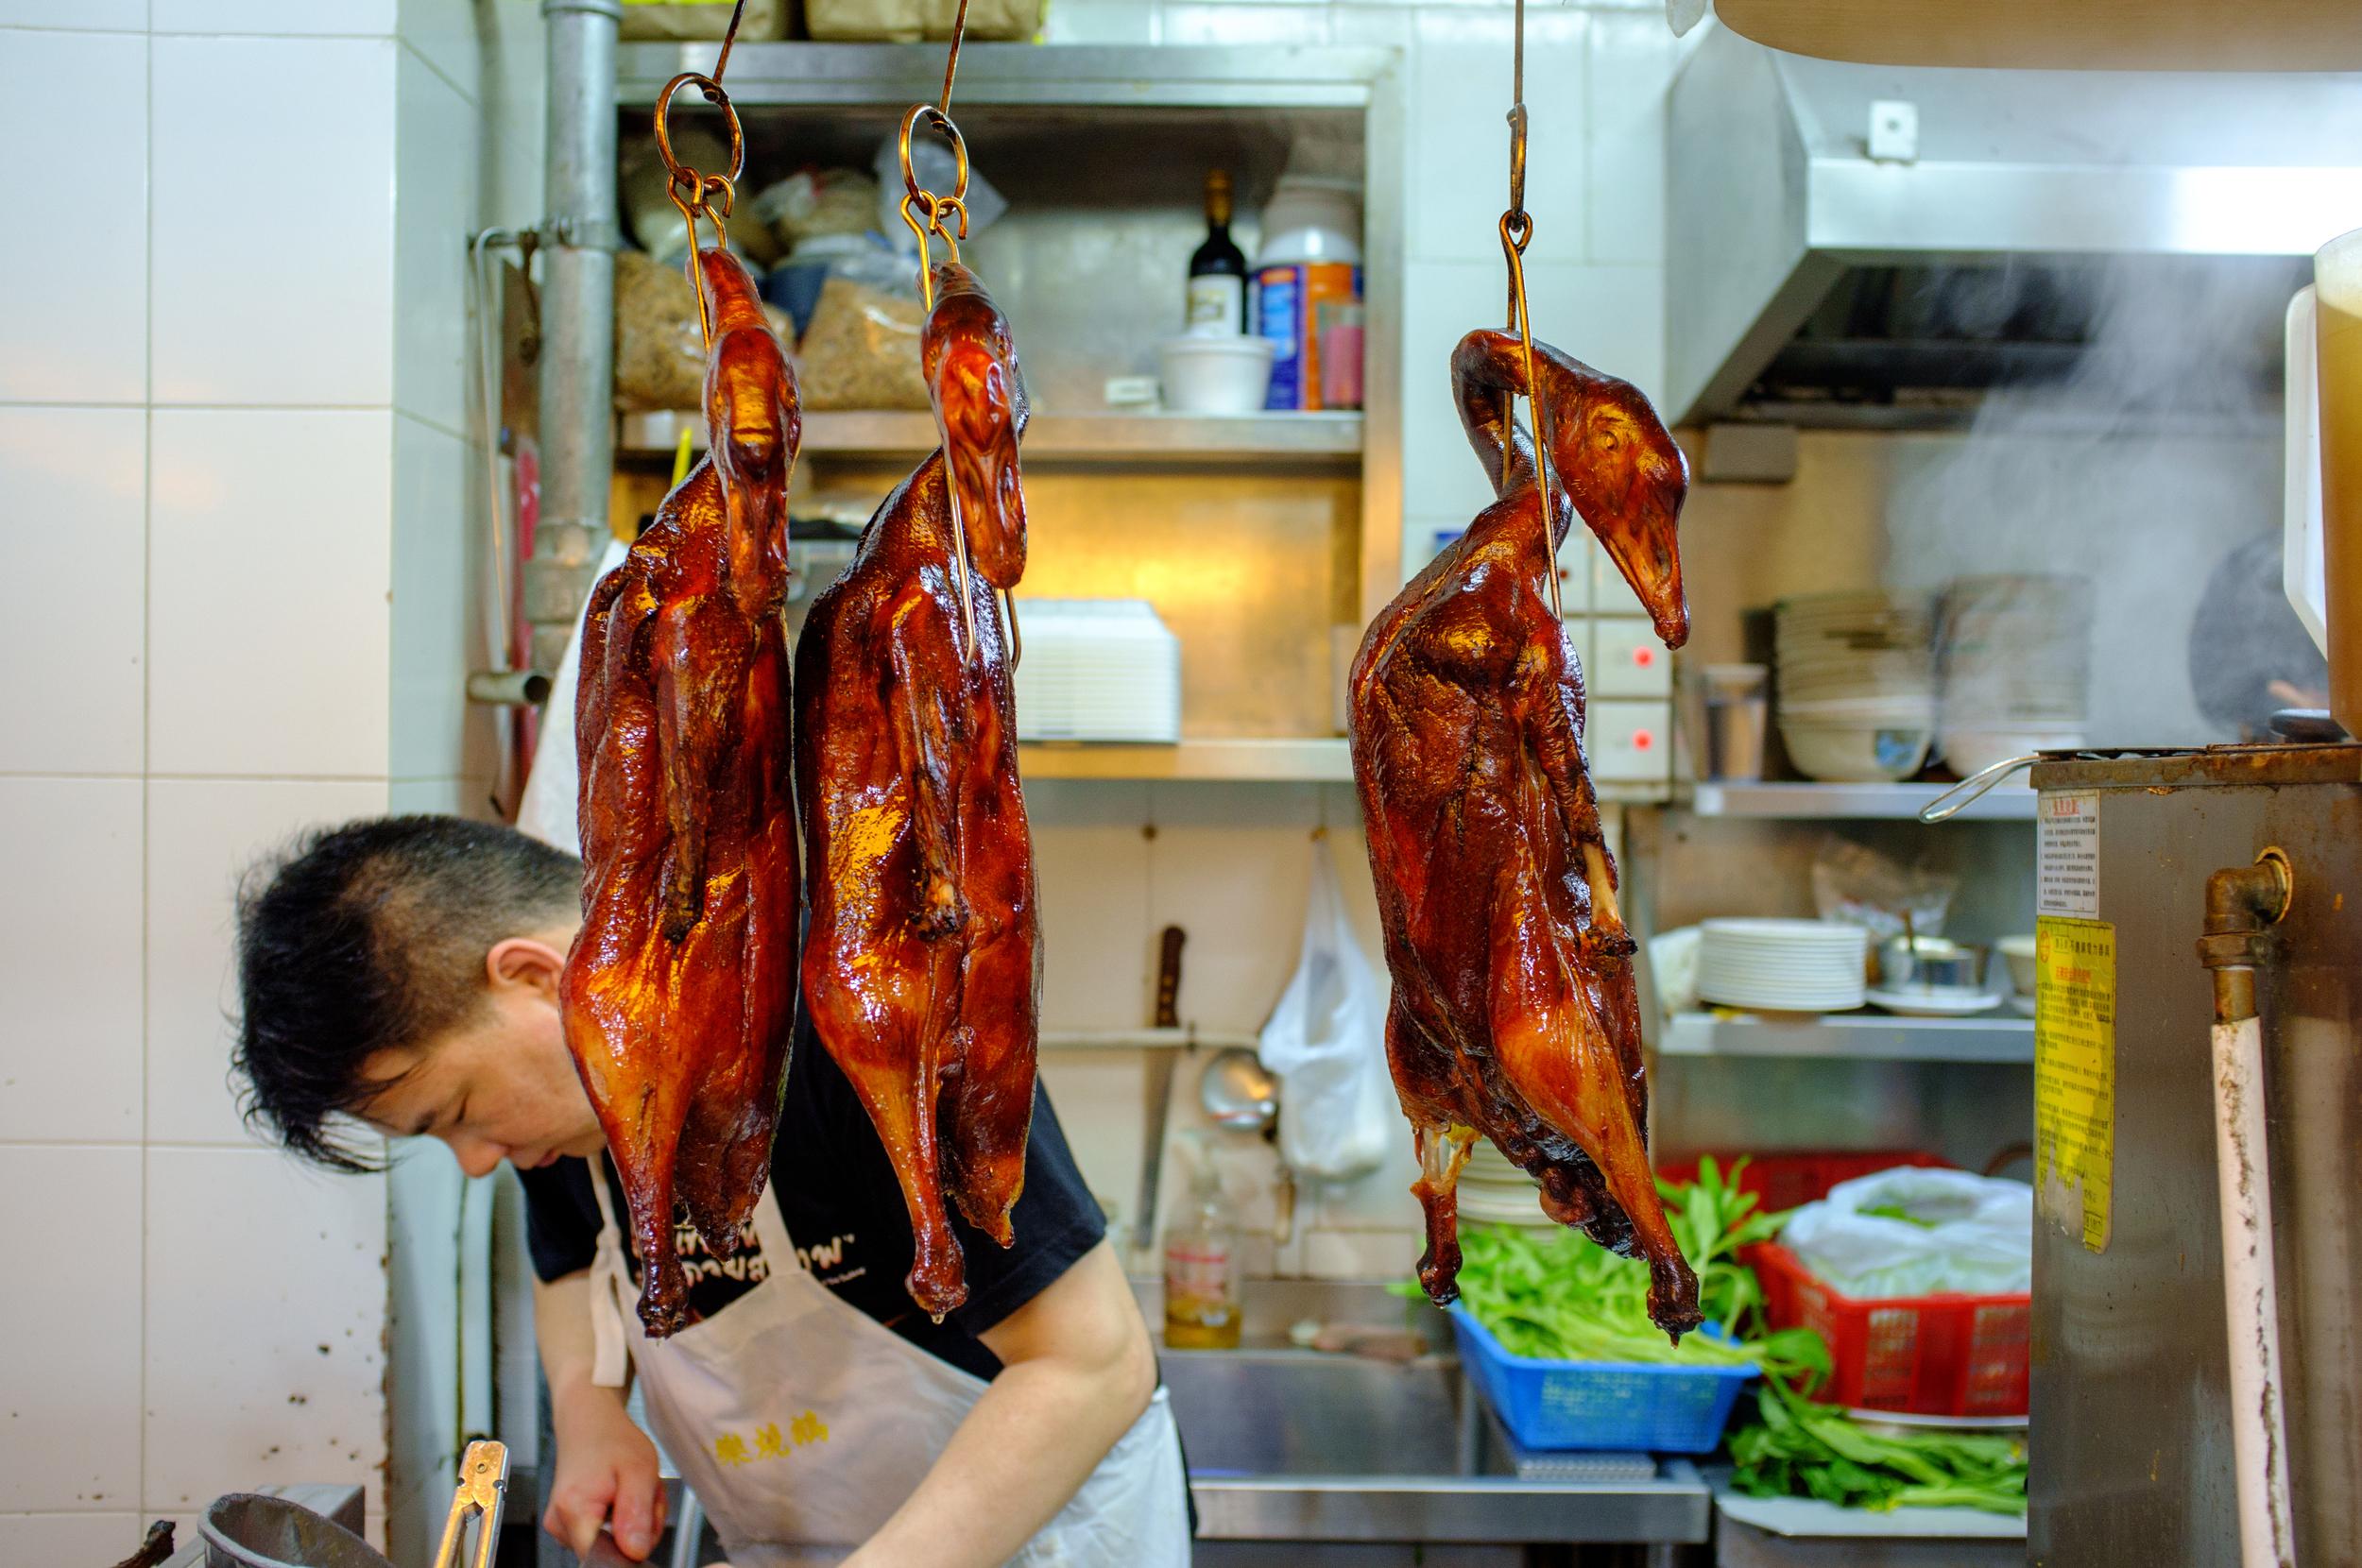 Goose (樂 燒鵝) at Yat Lok, Hong Kong